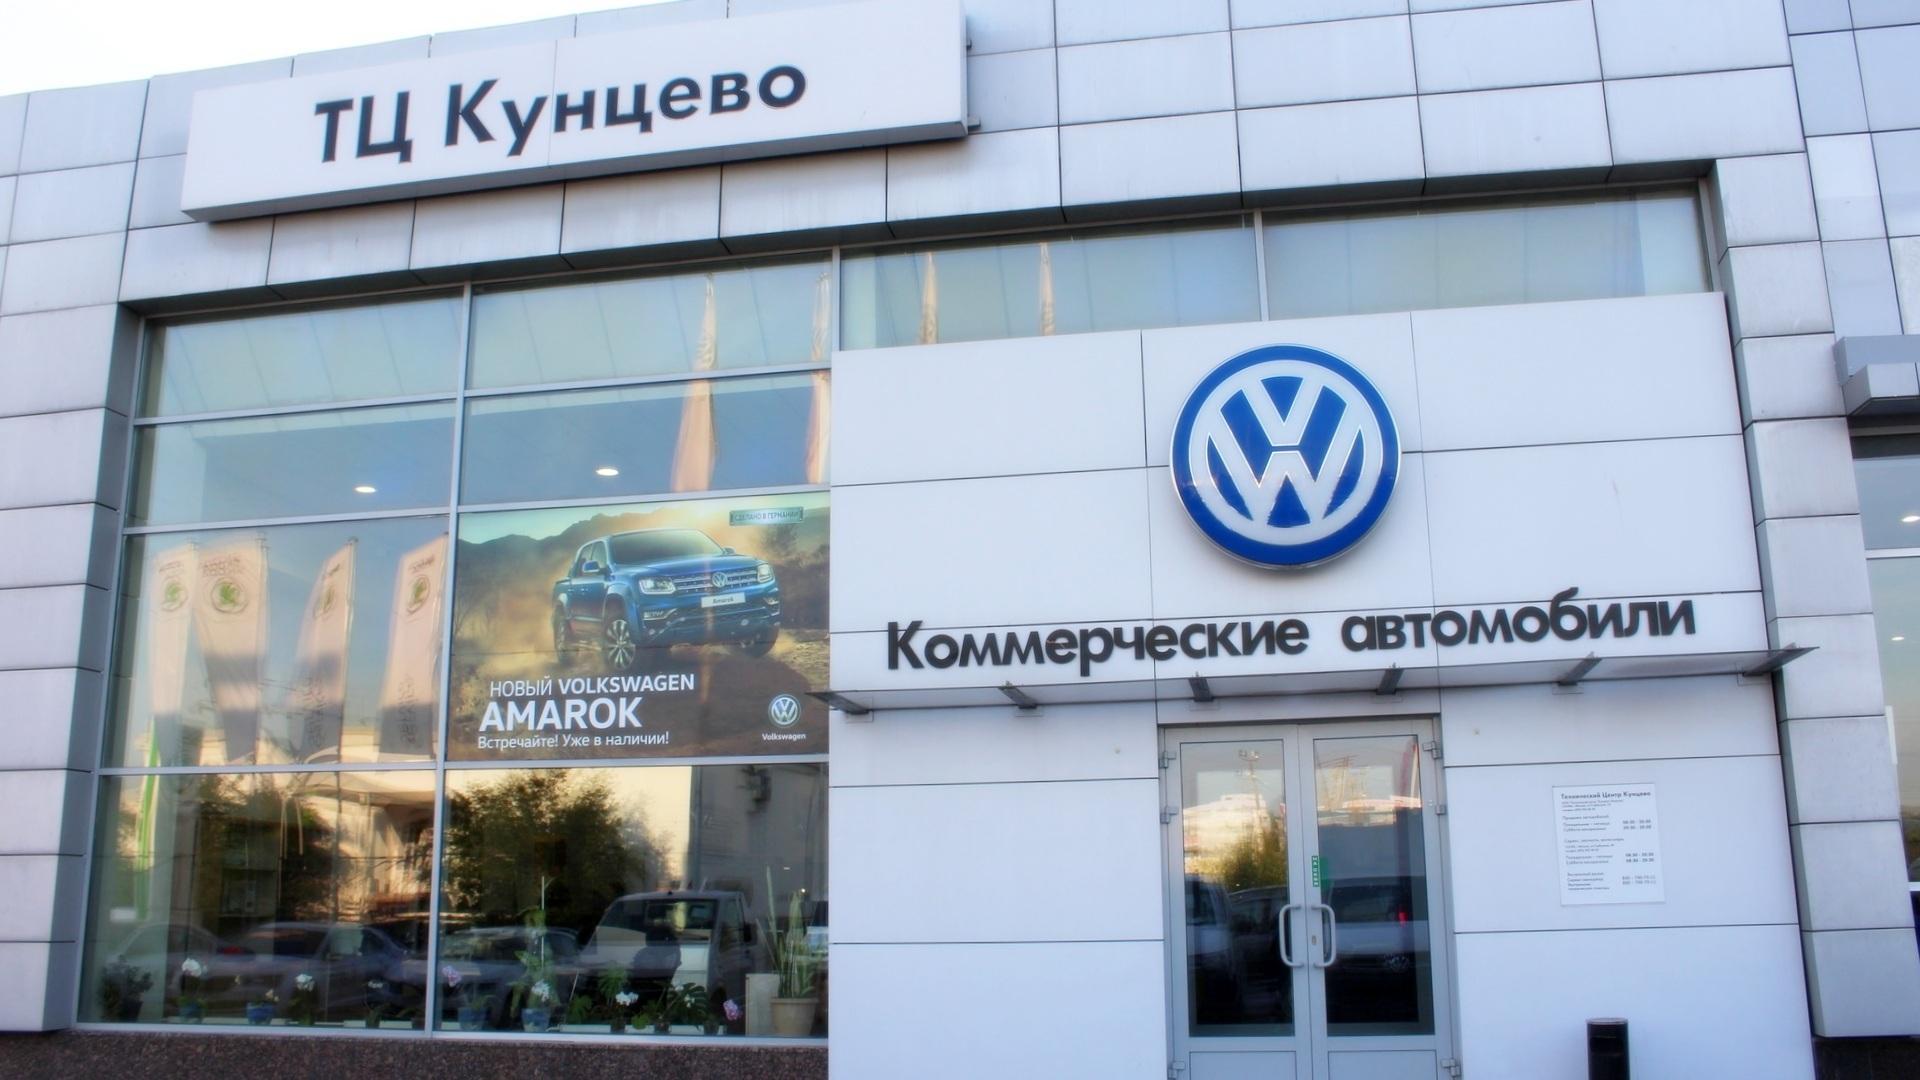 Автосалон кунцево москва официальный сайт фольксваген ломбард заложить телефон москва